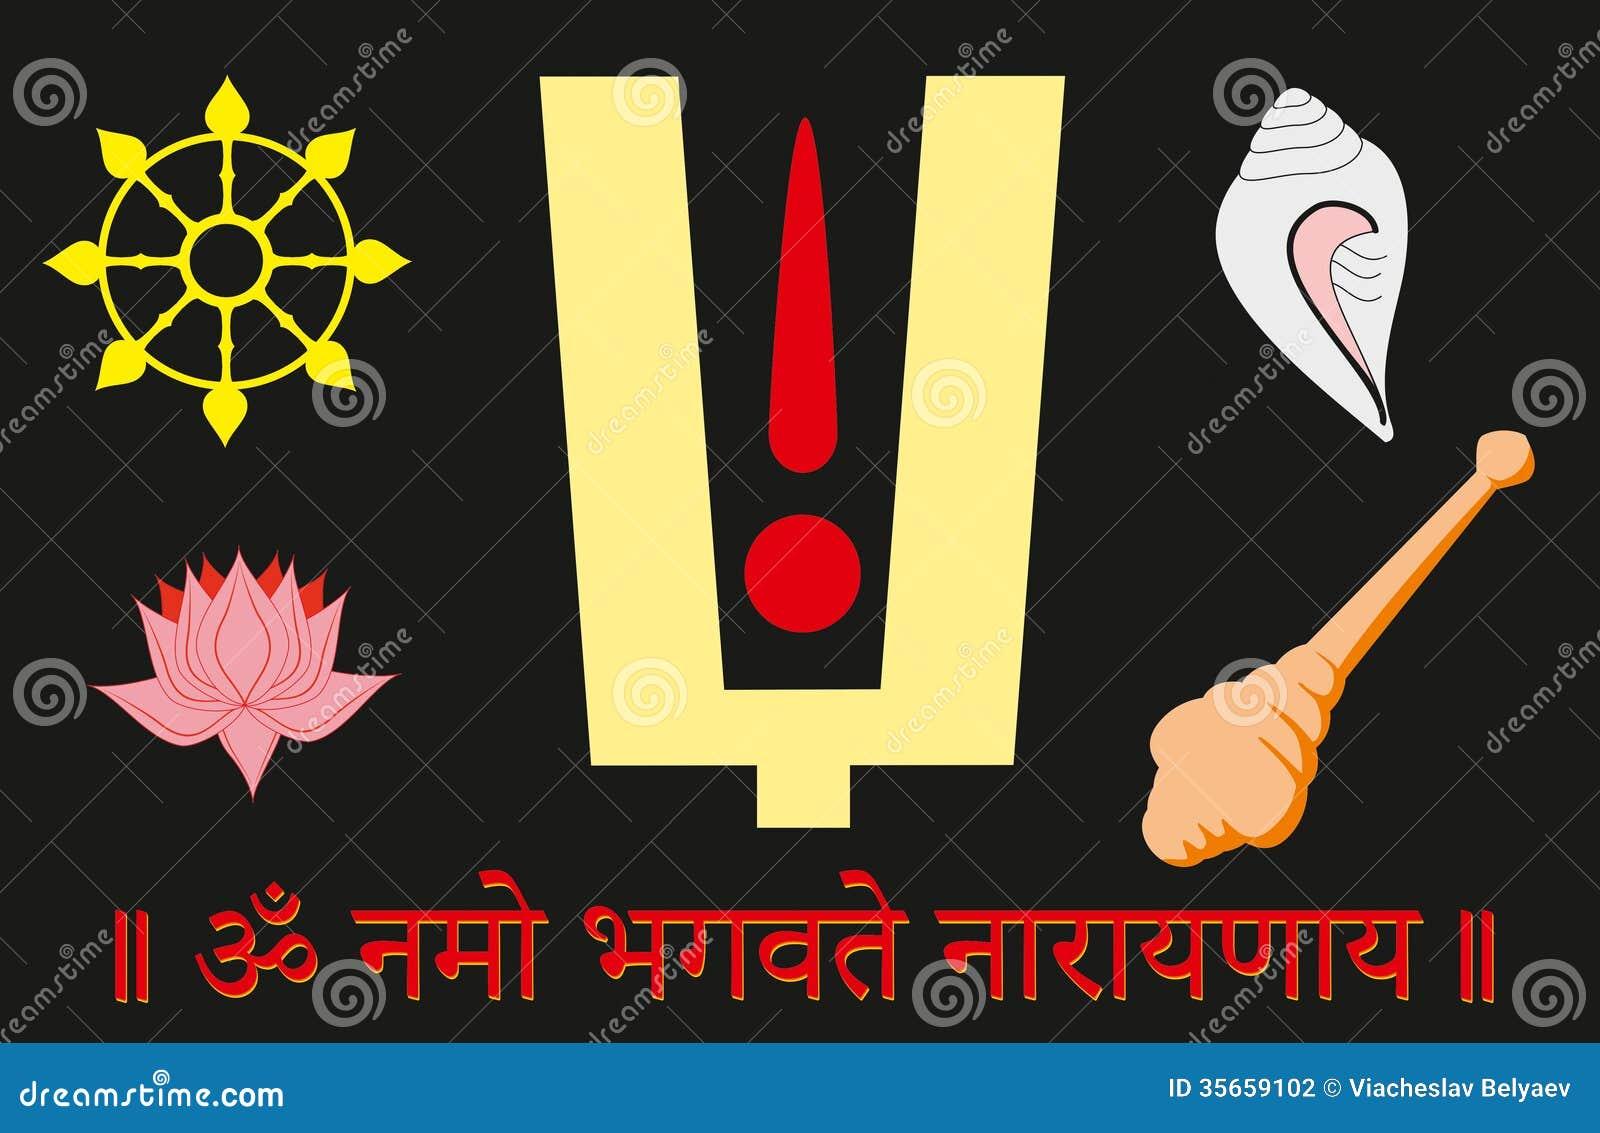 Attributes of lord shri vishnu stock illustration illustration attributes of lord shri vishnu biocorpaavc